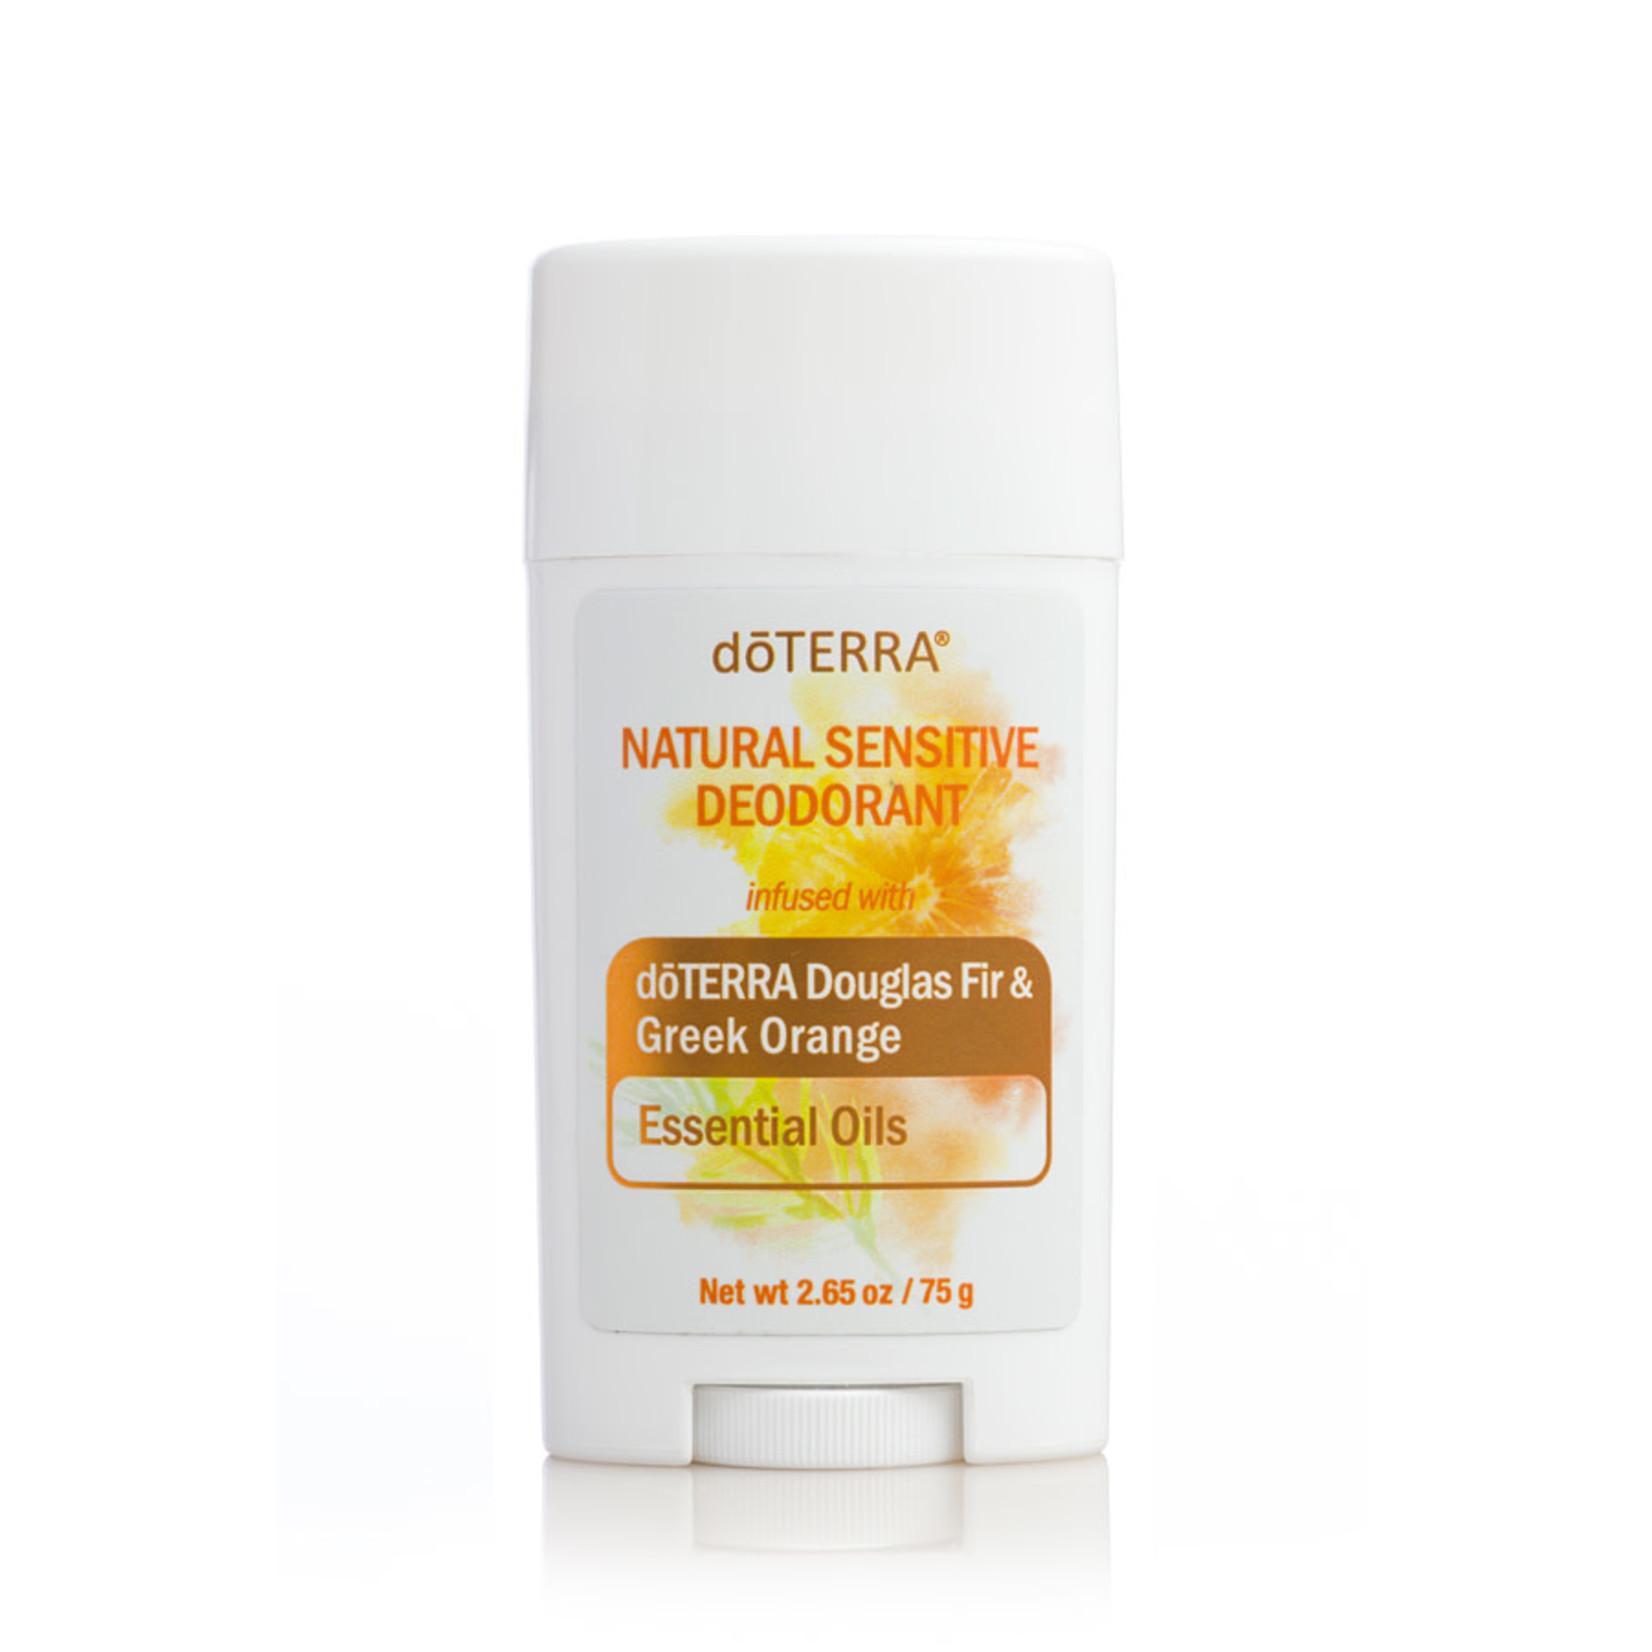 doTERRA doTerra Natural Sensitive Douglas Fir & Greek Orange Deodorant 2.65oz